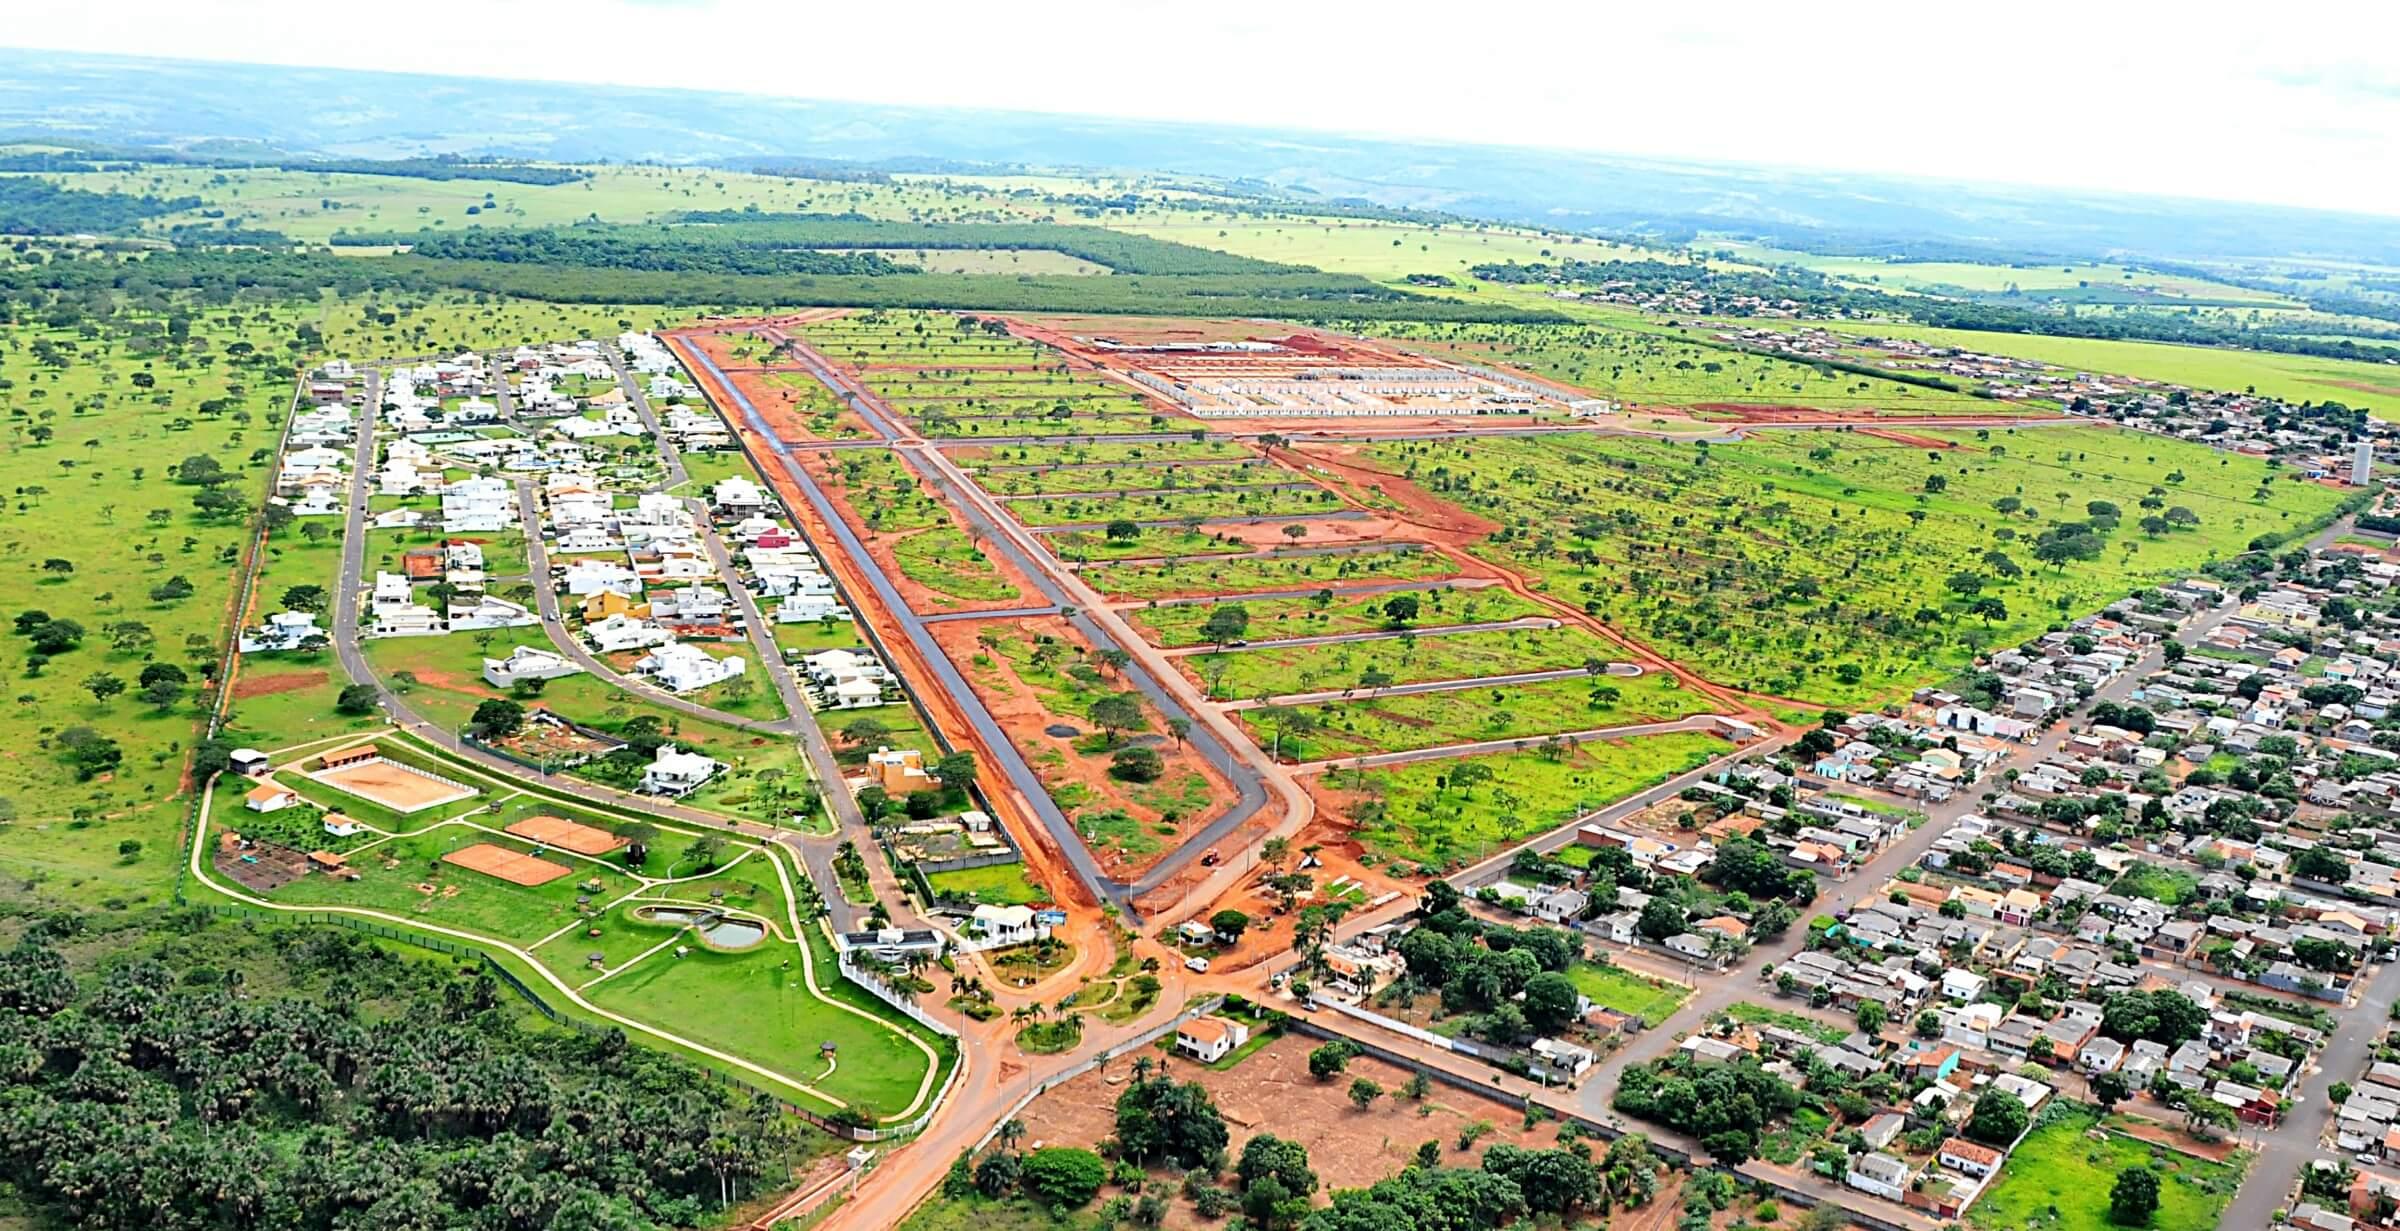 1-Loteamento-Bosque-dos-Buritis-Uberlandia-MG